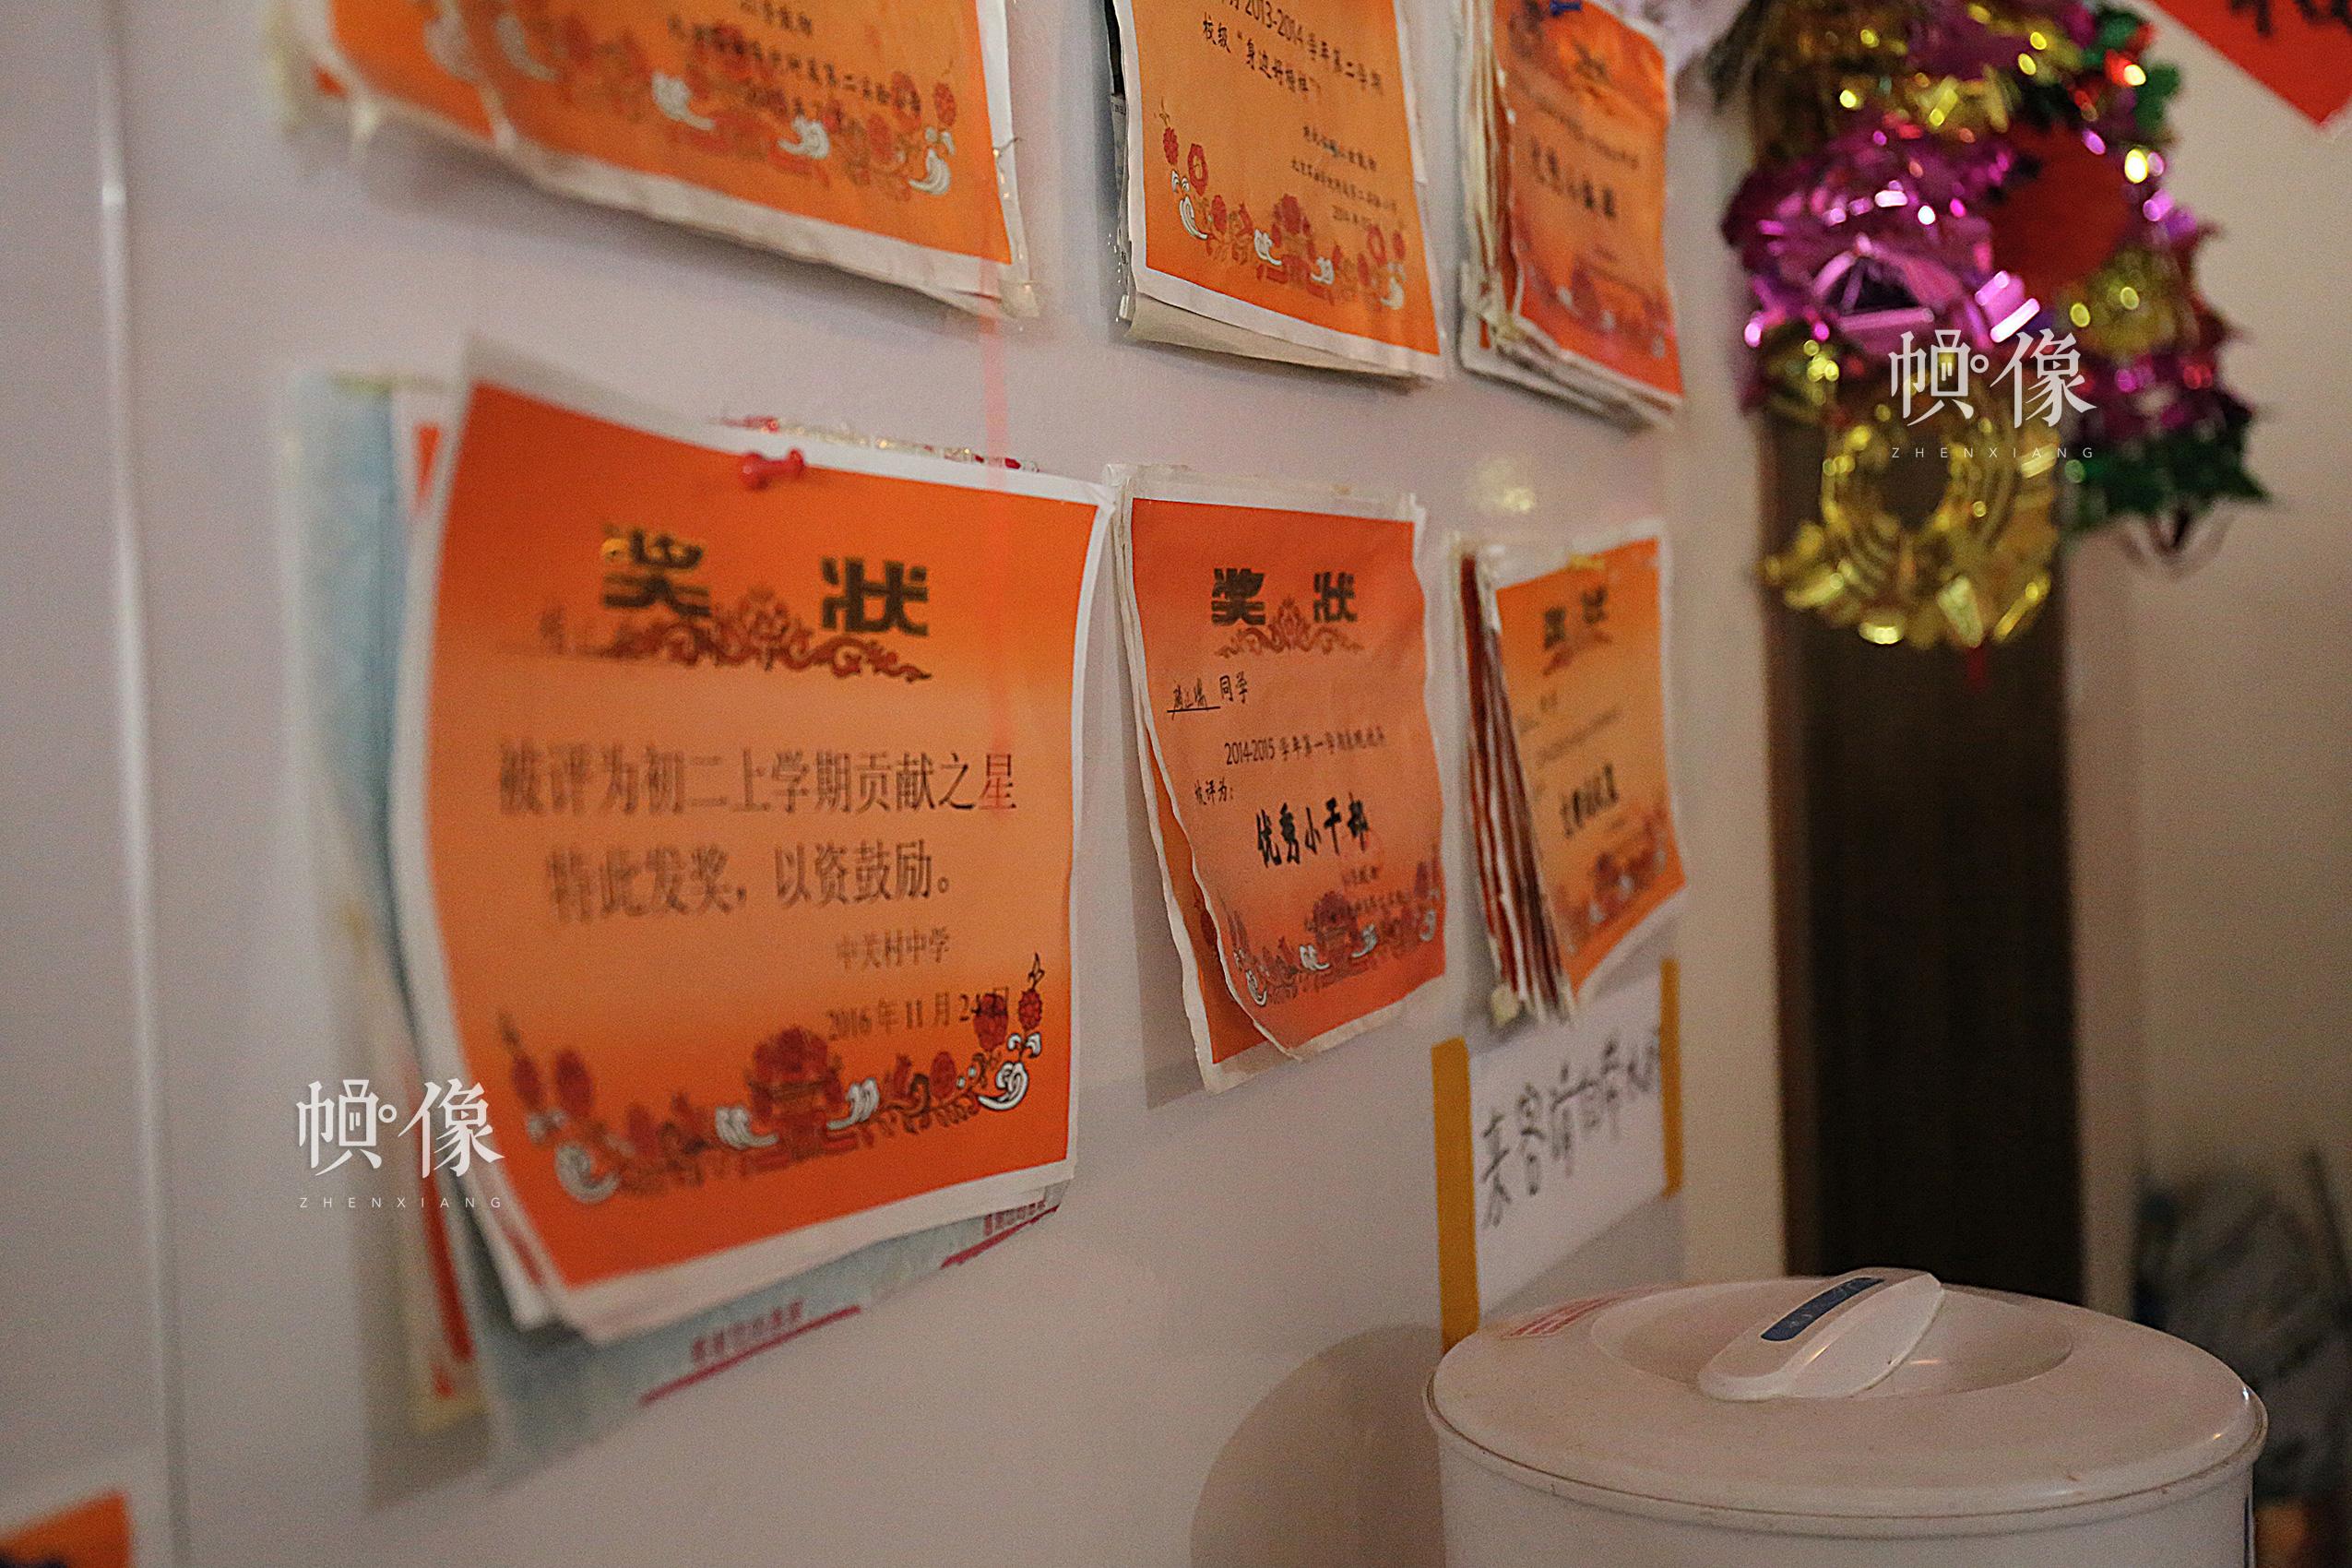 2017年4月9日,北京益童成长中心,客厅墙壁上挂满了孩子们的学习奖状。中国网记者 黄富友 摄